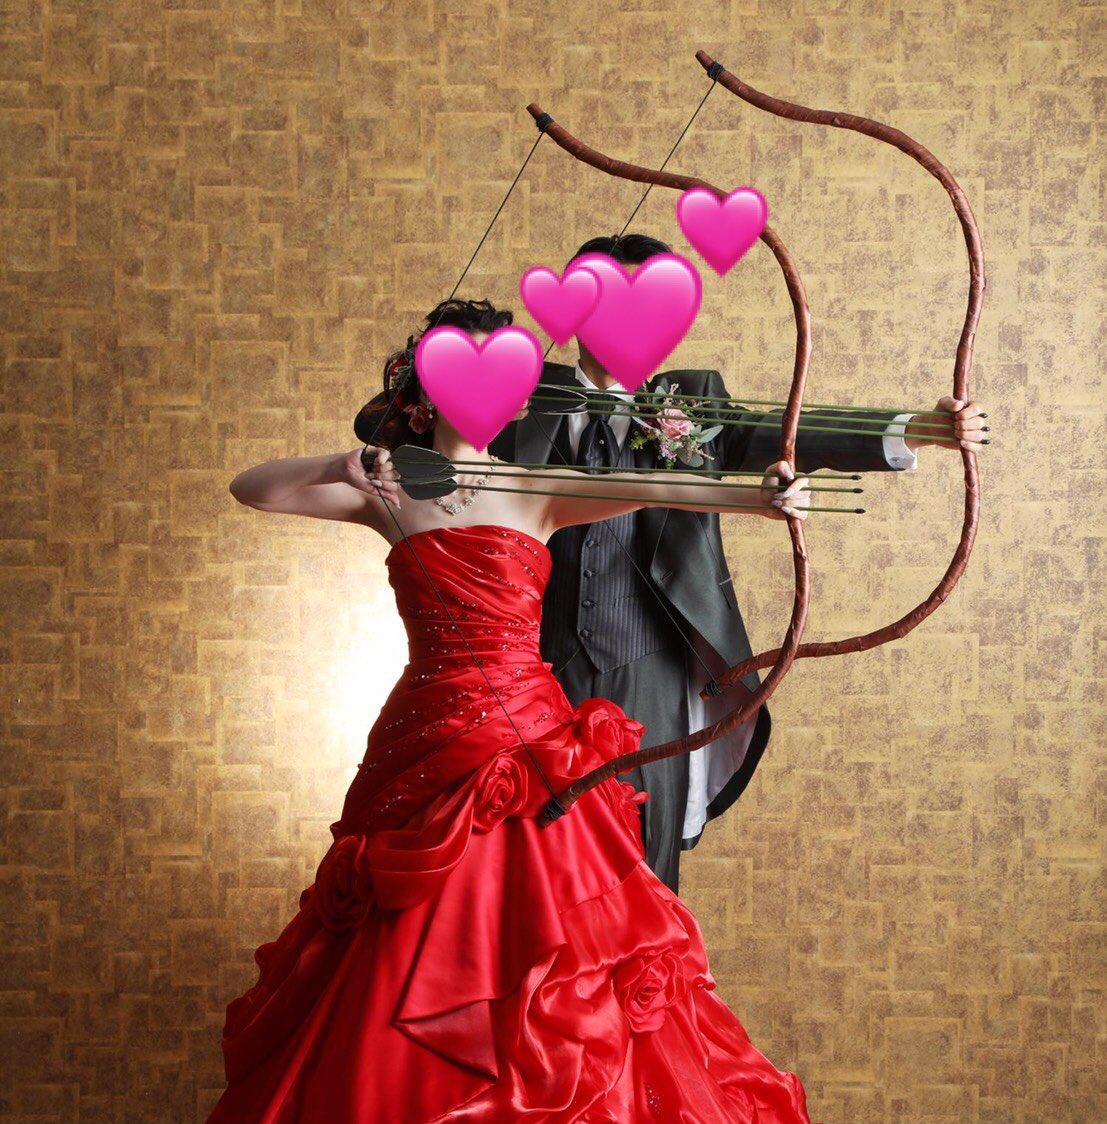 フォトウェディングを挙げたのですが、好きなポーズで撮りますよとのことだったので「映画のポスターみたいに」とお願いしたところ、とてもかっこよく撮影していただきました!ジェイ!マヒシュマティ!ジャイホー!